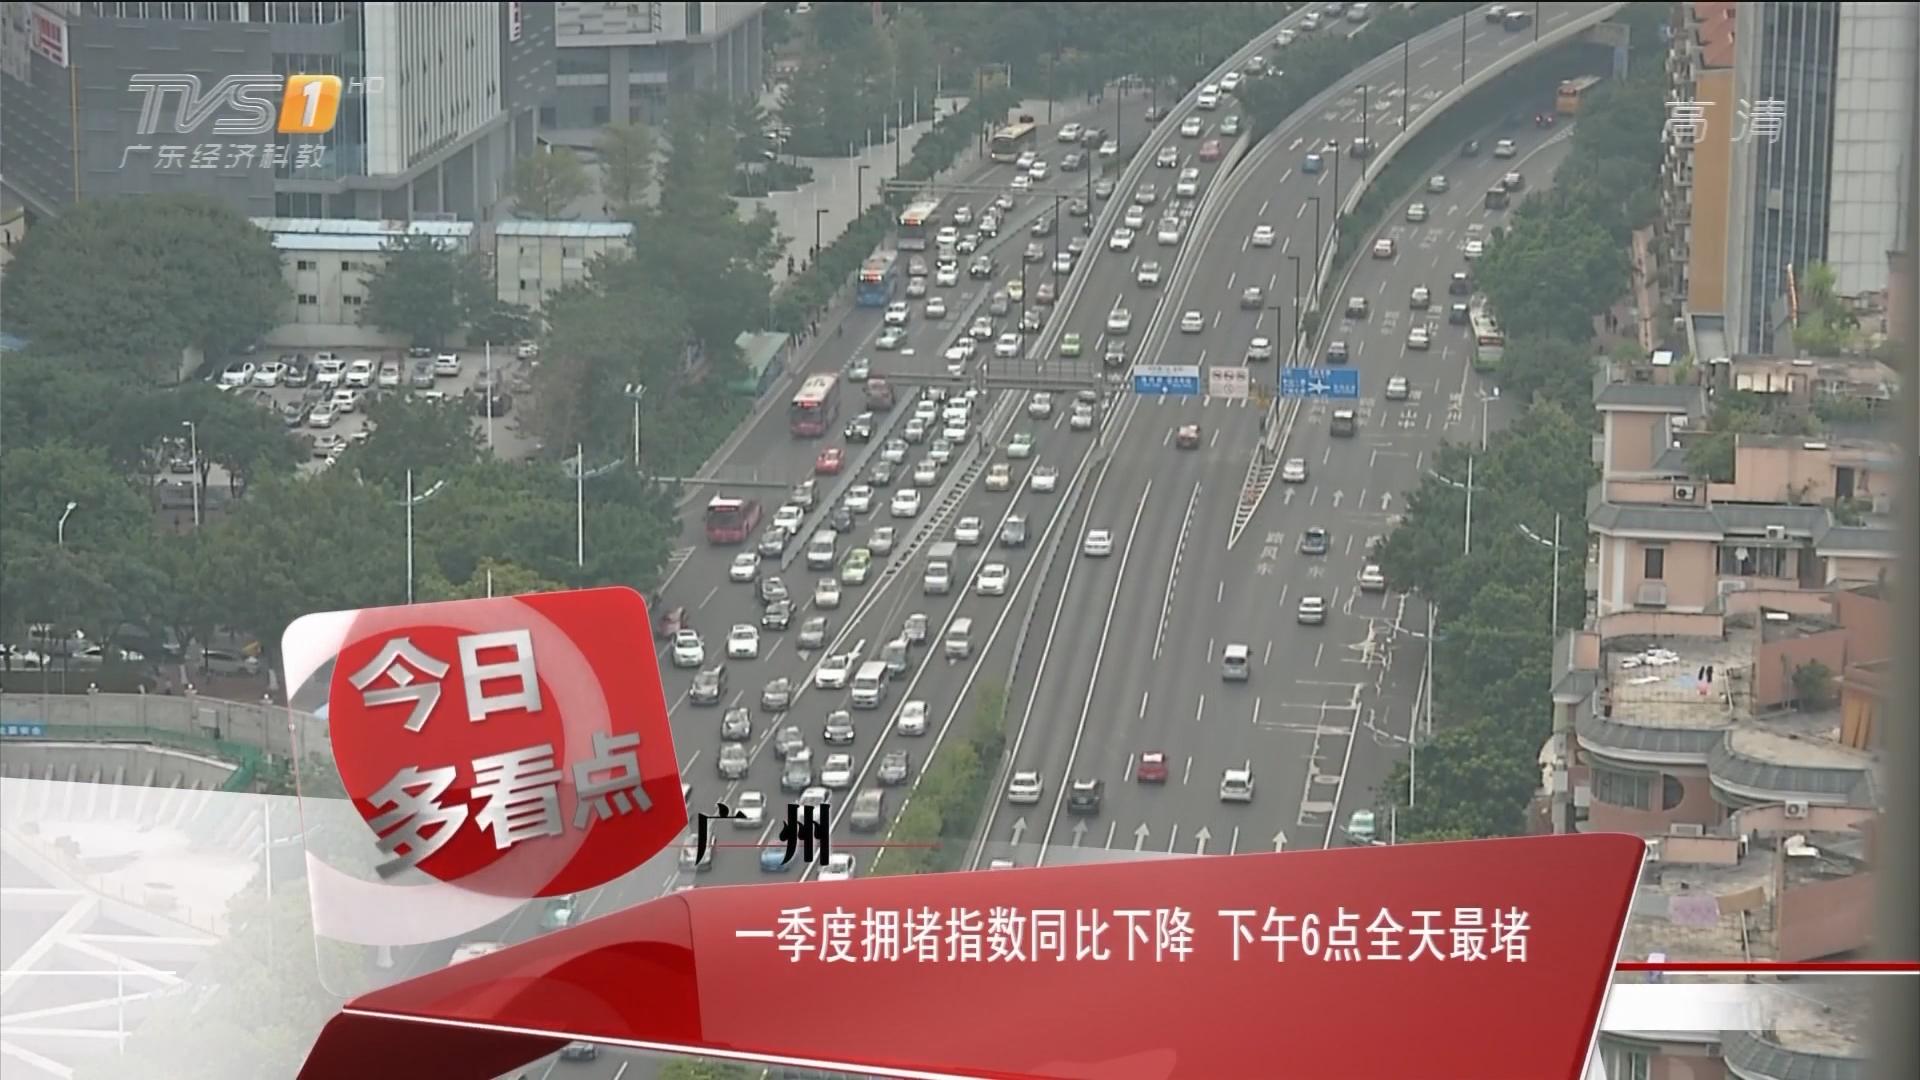 广州:一季度拥堵指数同比下降 下午6点全天最堵